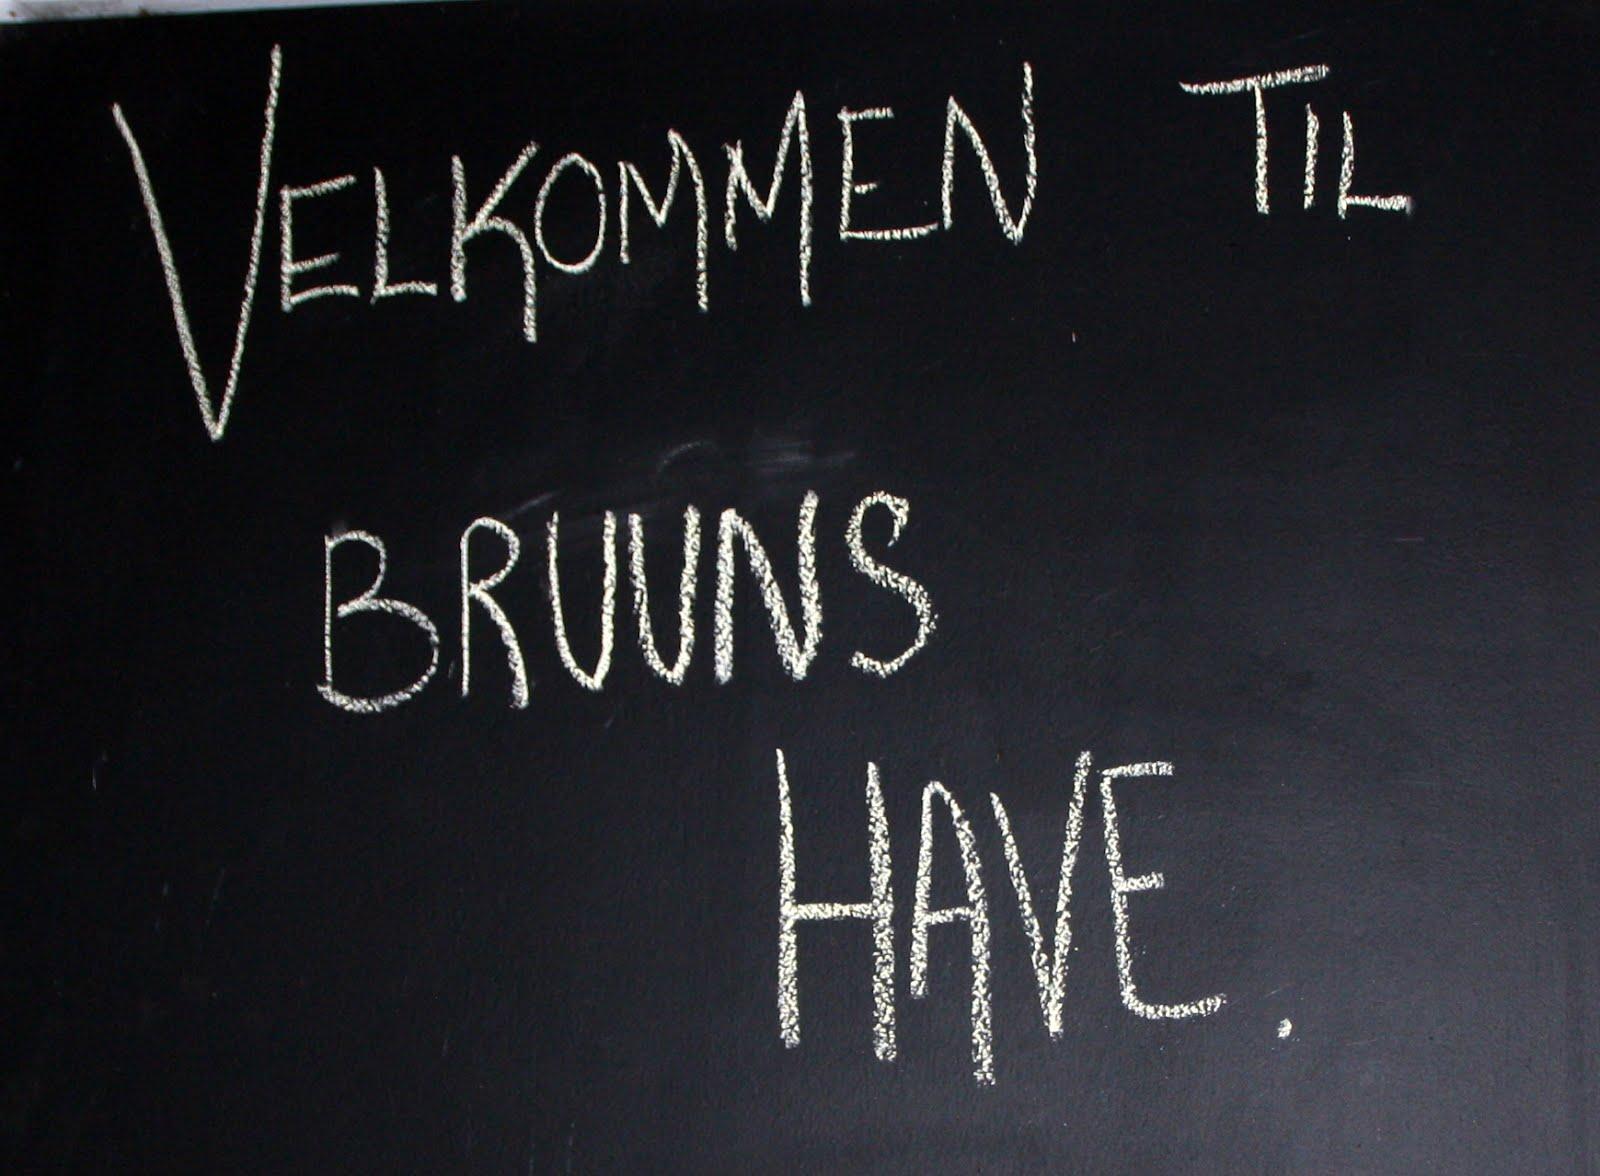 Besøg i Bruuns Have